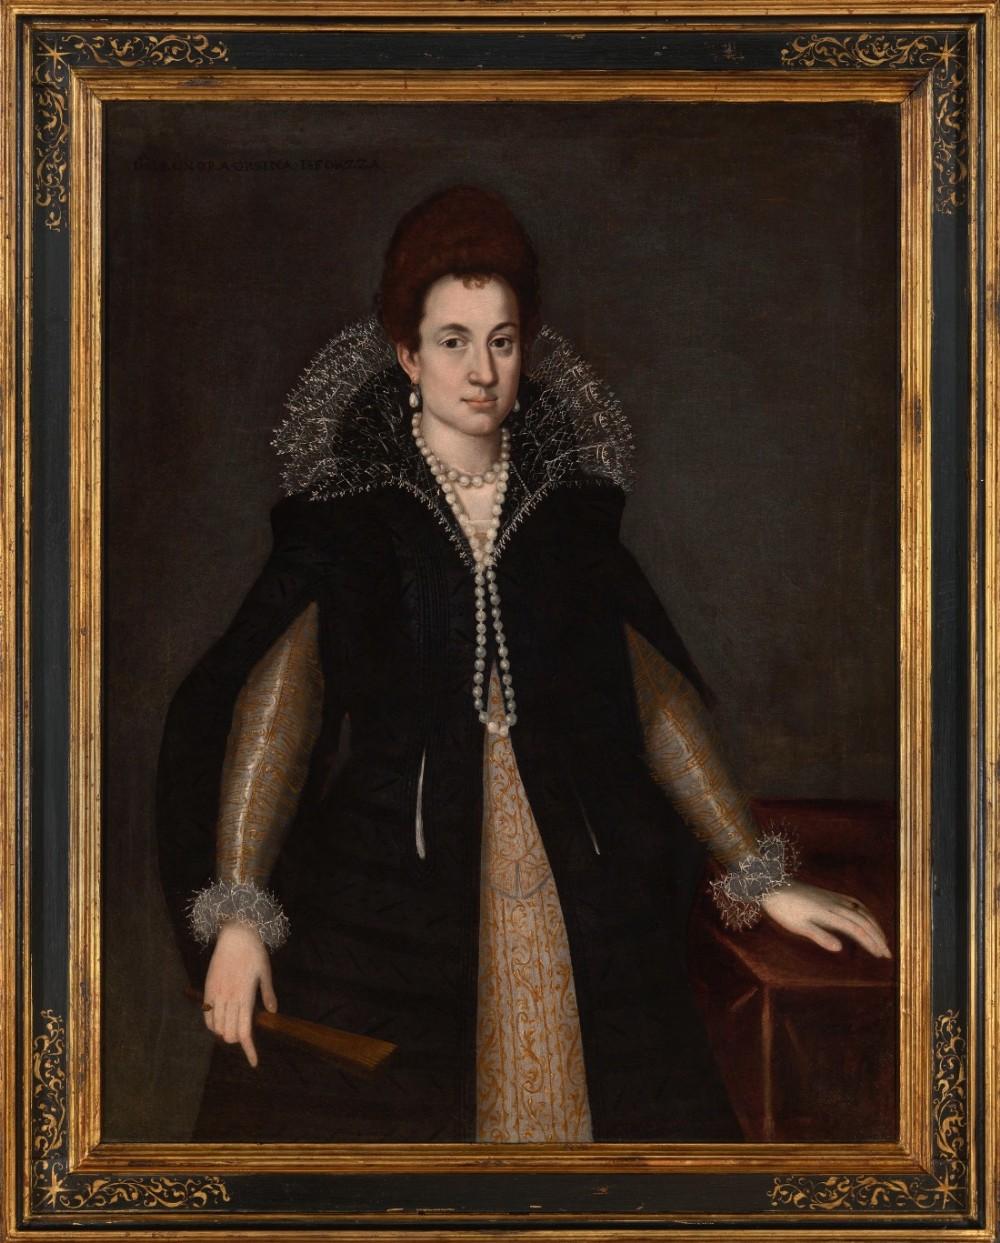 Leonora Orsini - Born: c.1560Died: 1634